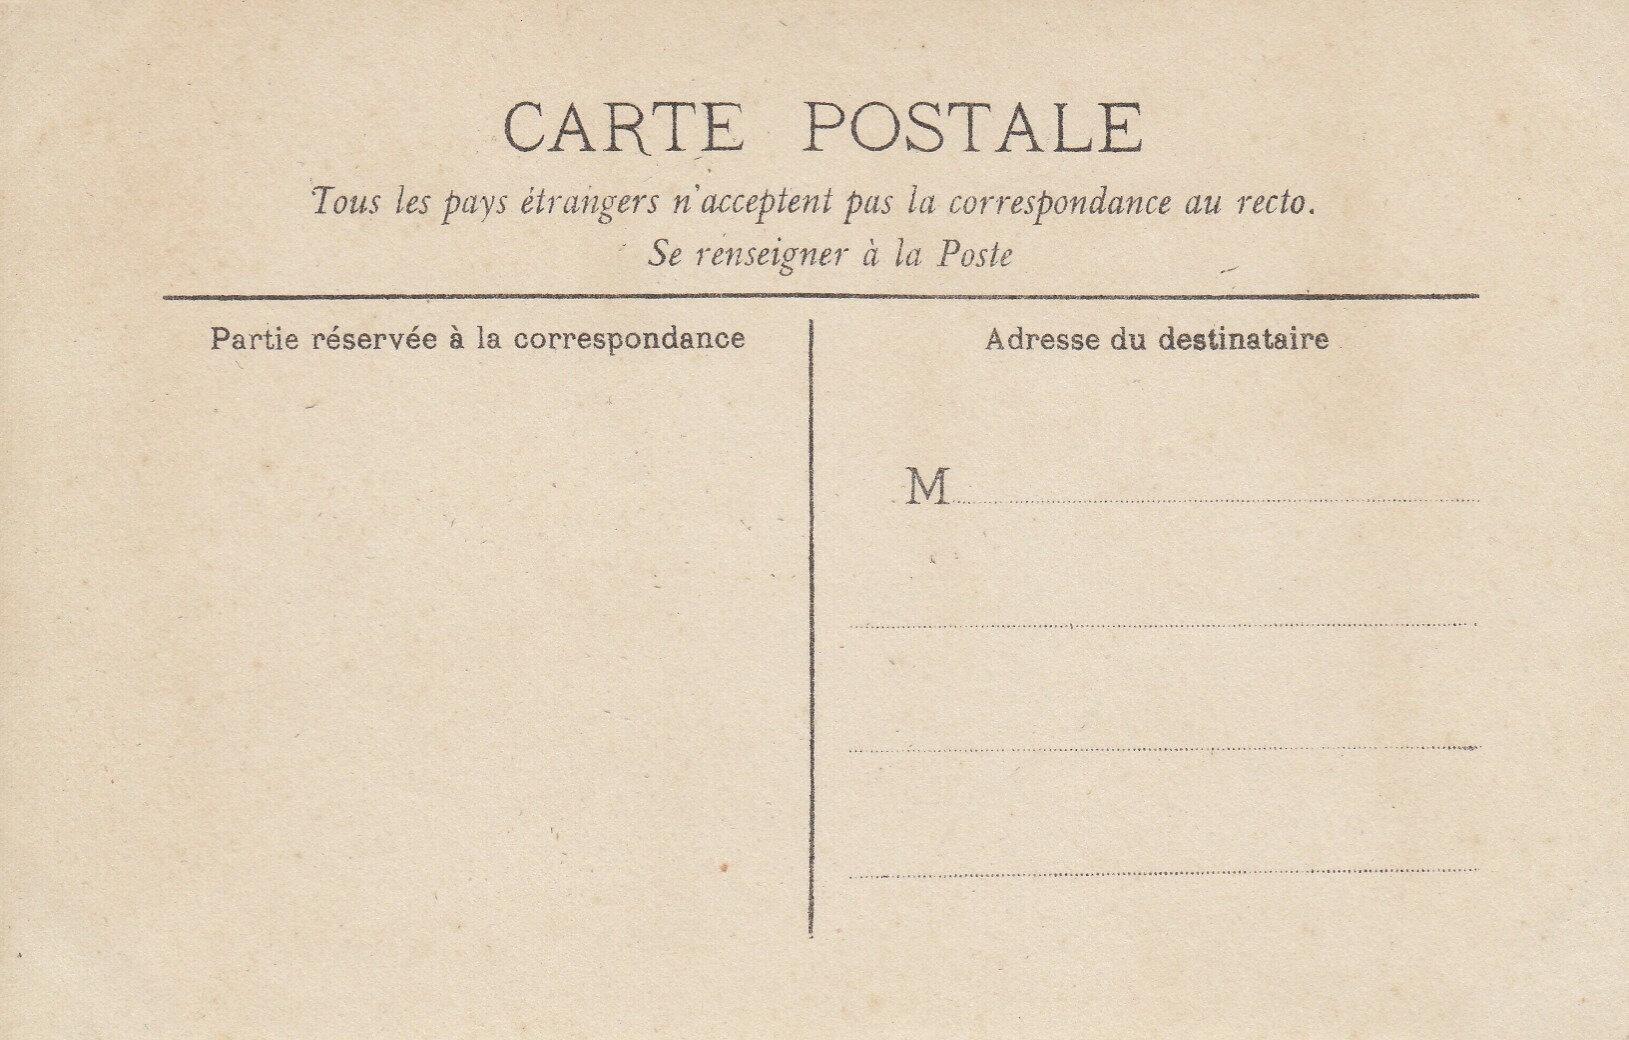 Verso des cartesphoto de Rodolphe Miéville